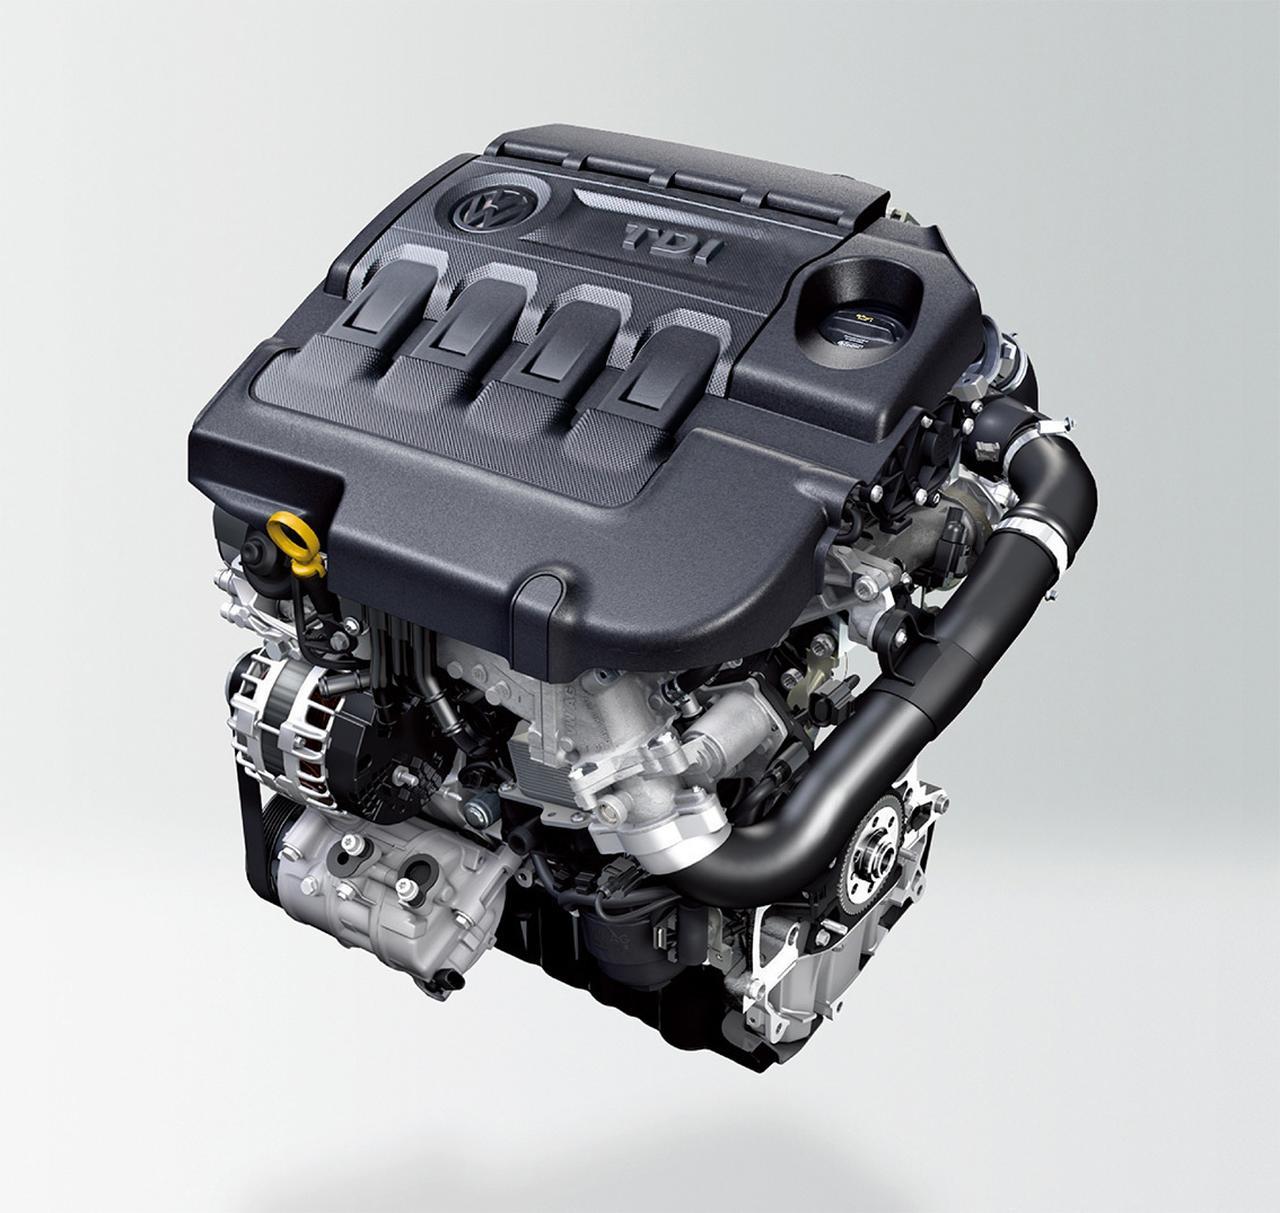 【ニュース】新型パサート オールトラックがディーゼルエンジンを搭載して登場